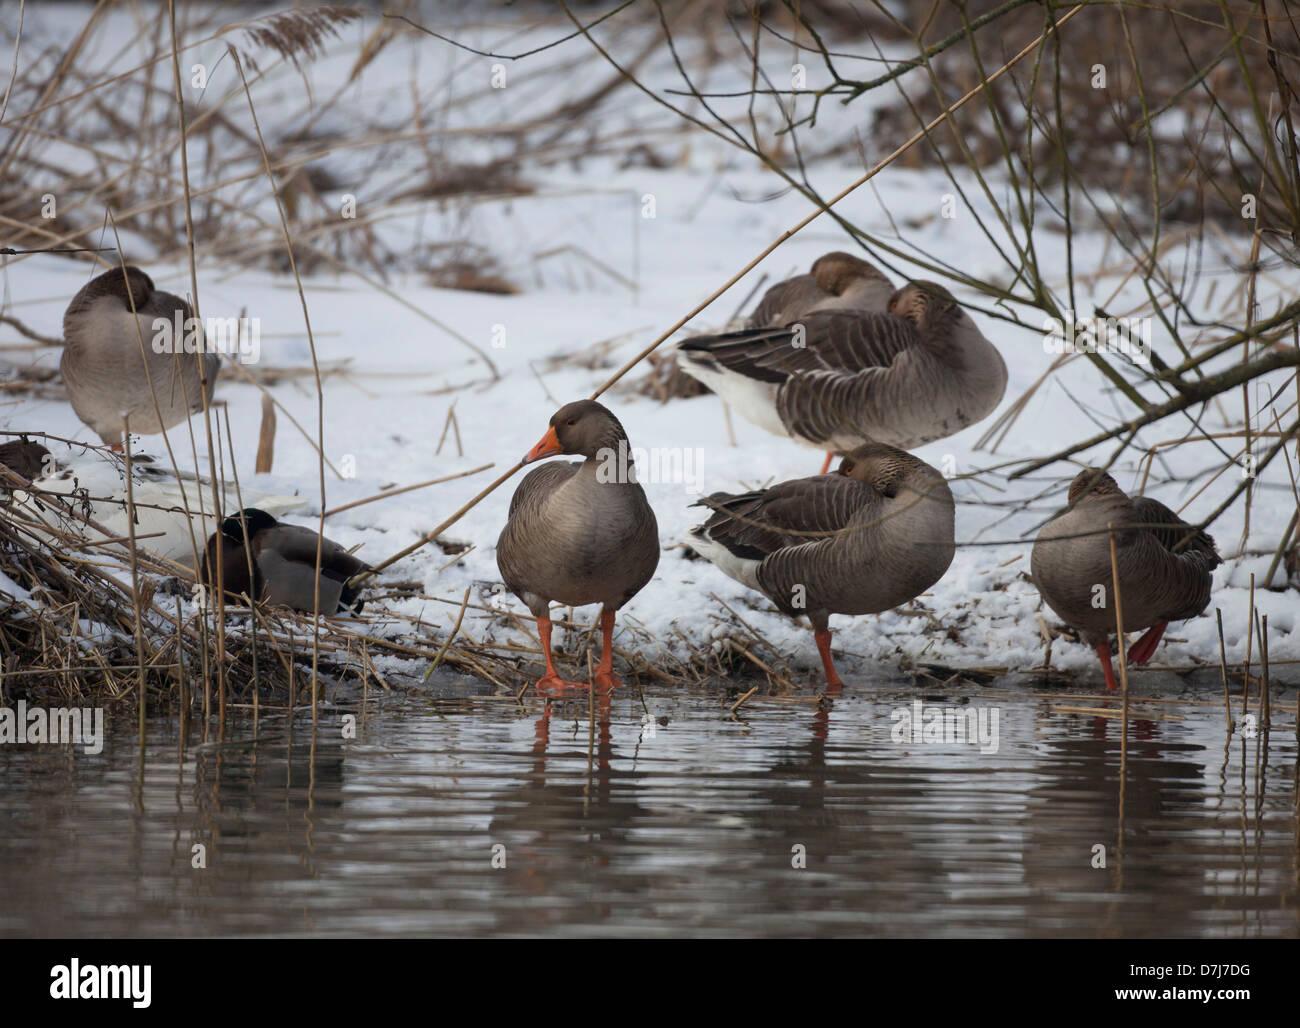 wildlife in natural park 'de biesbosch' in Holland - Stock Image